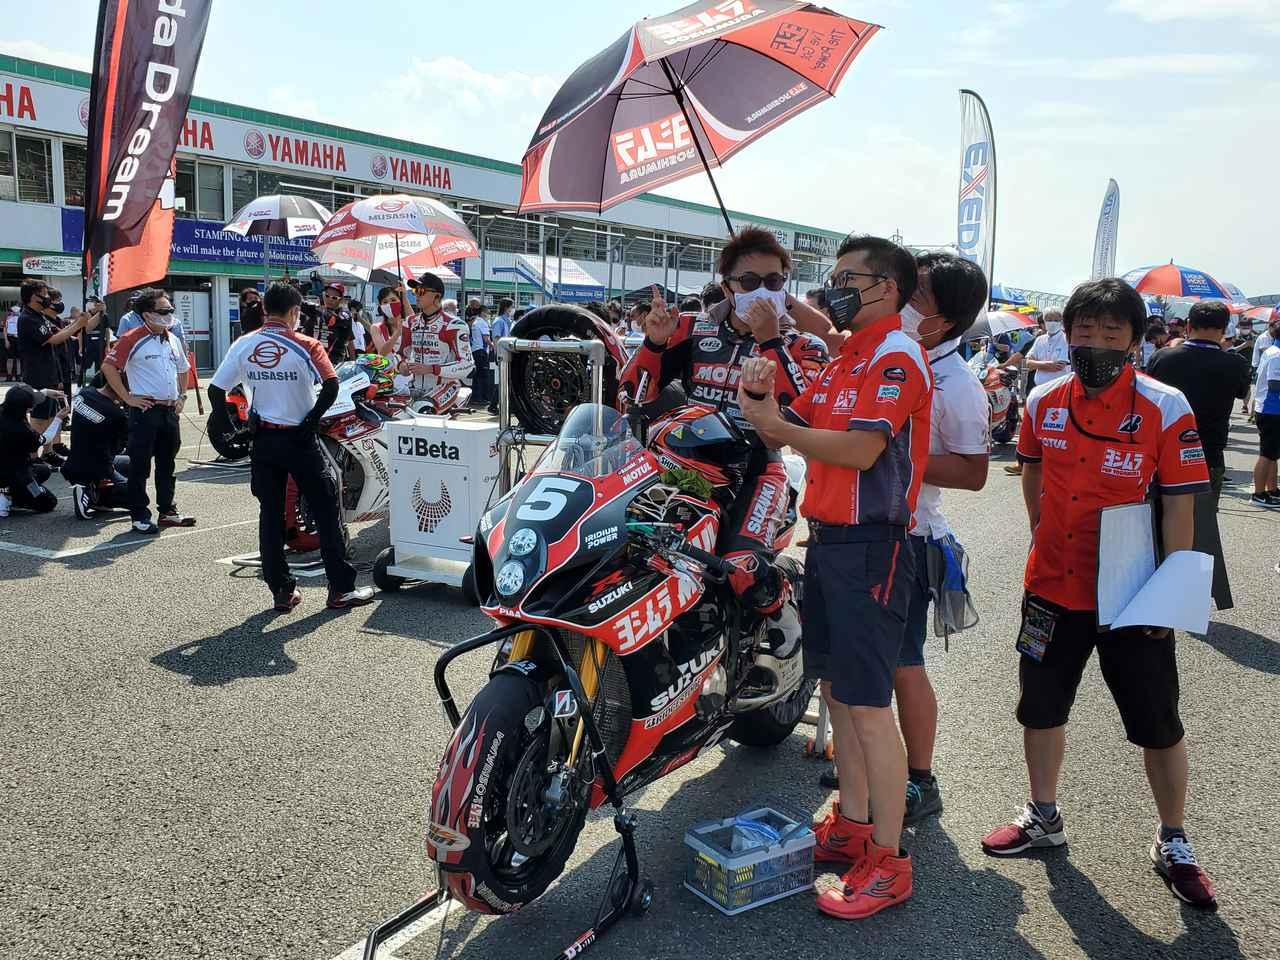 Images : 4番目の画像 - 「60枚以上の写真でお届け! ファンの皆さんも熱かった全日本ロードレースSUGO大会!(大関さおり)」のアルバム - webオートバイ